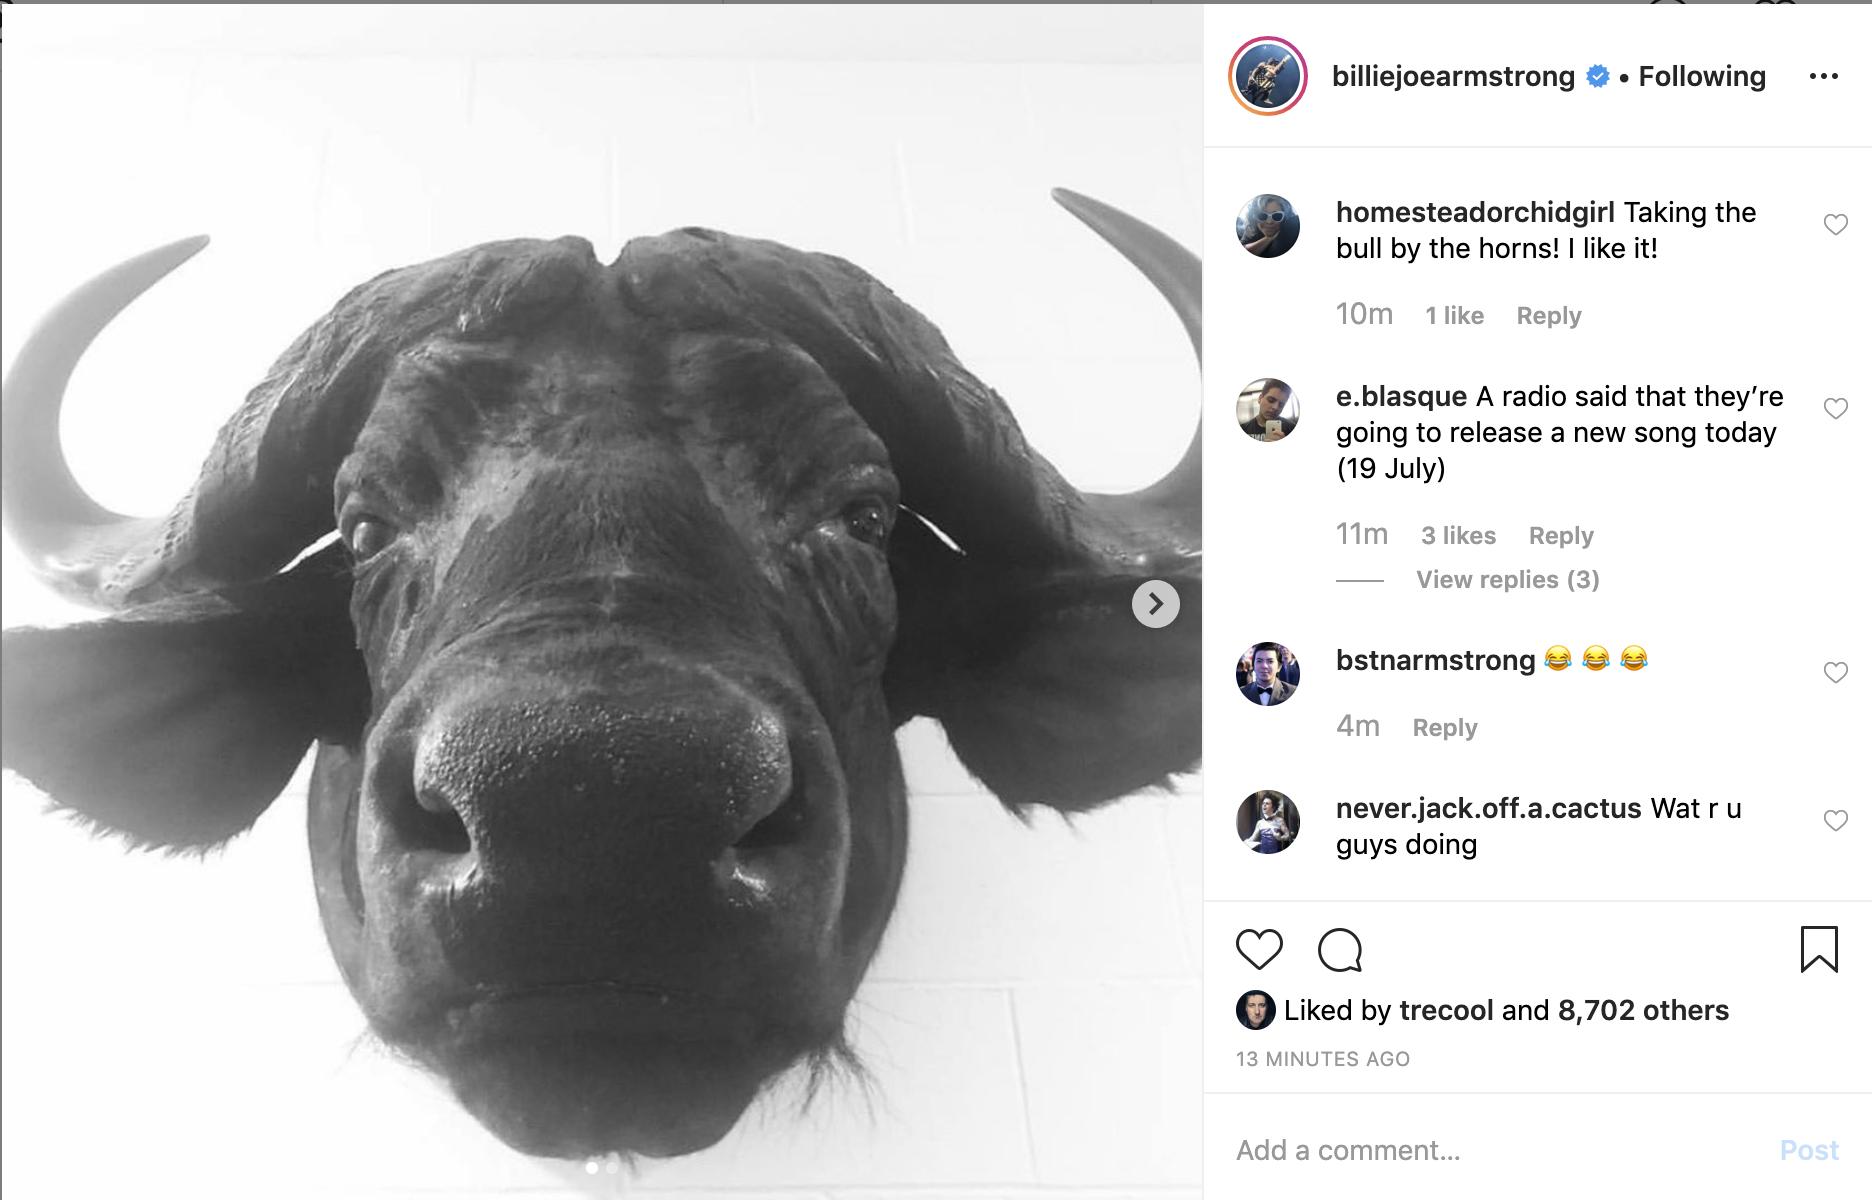 Imagen de un toro en el instagram de Billie Joe